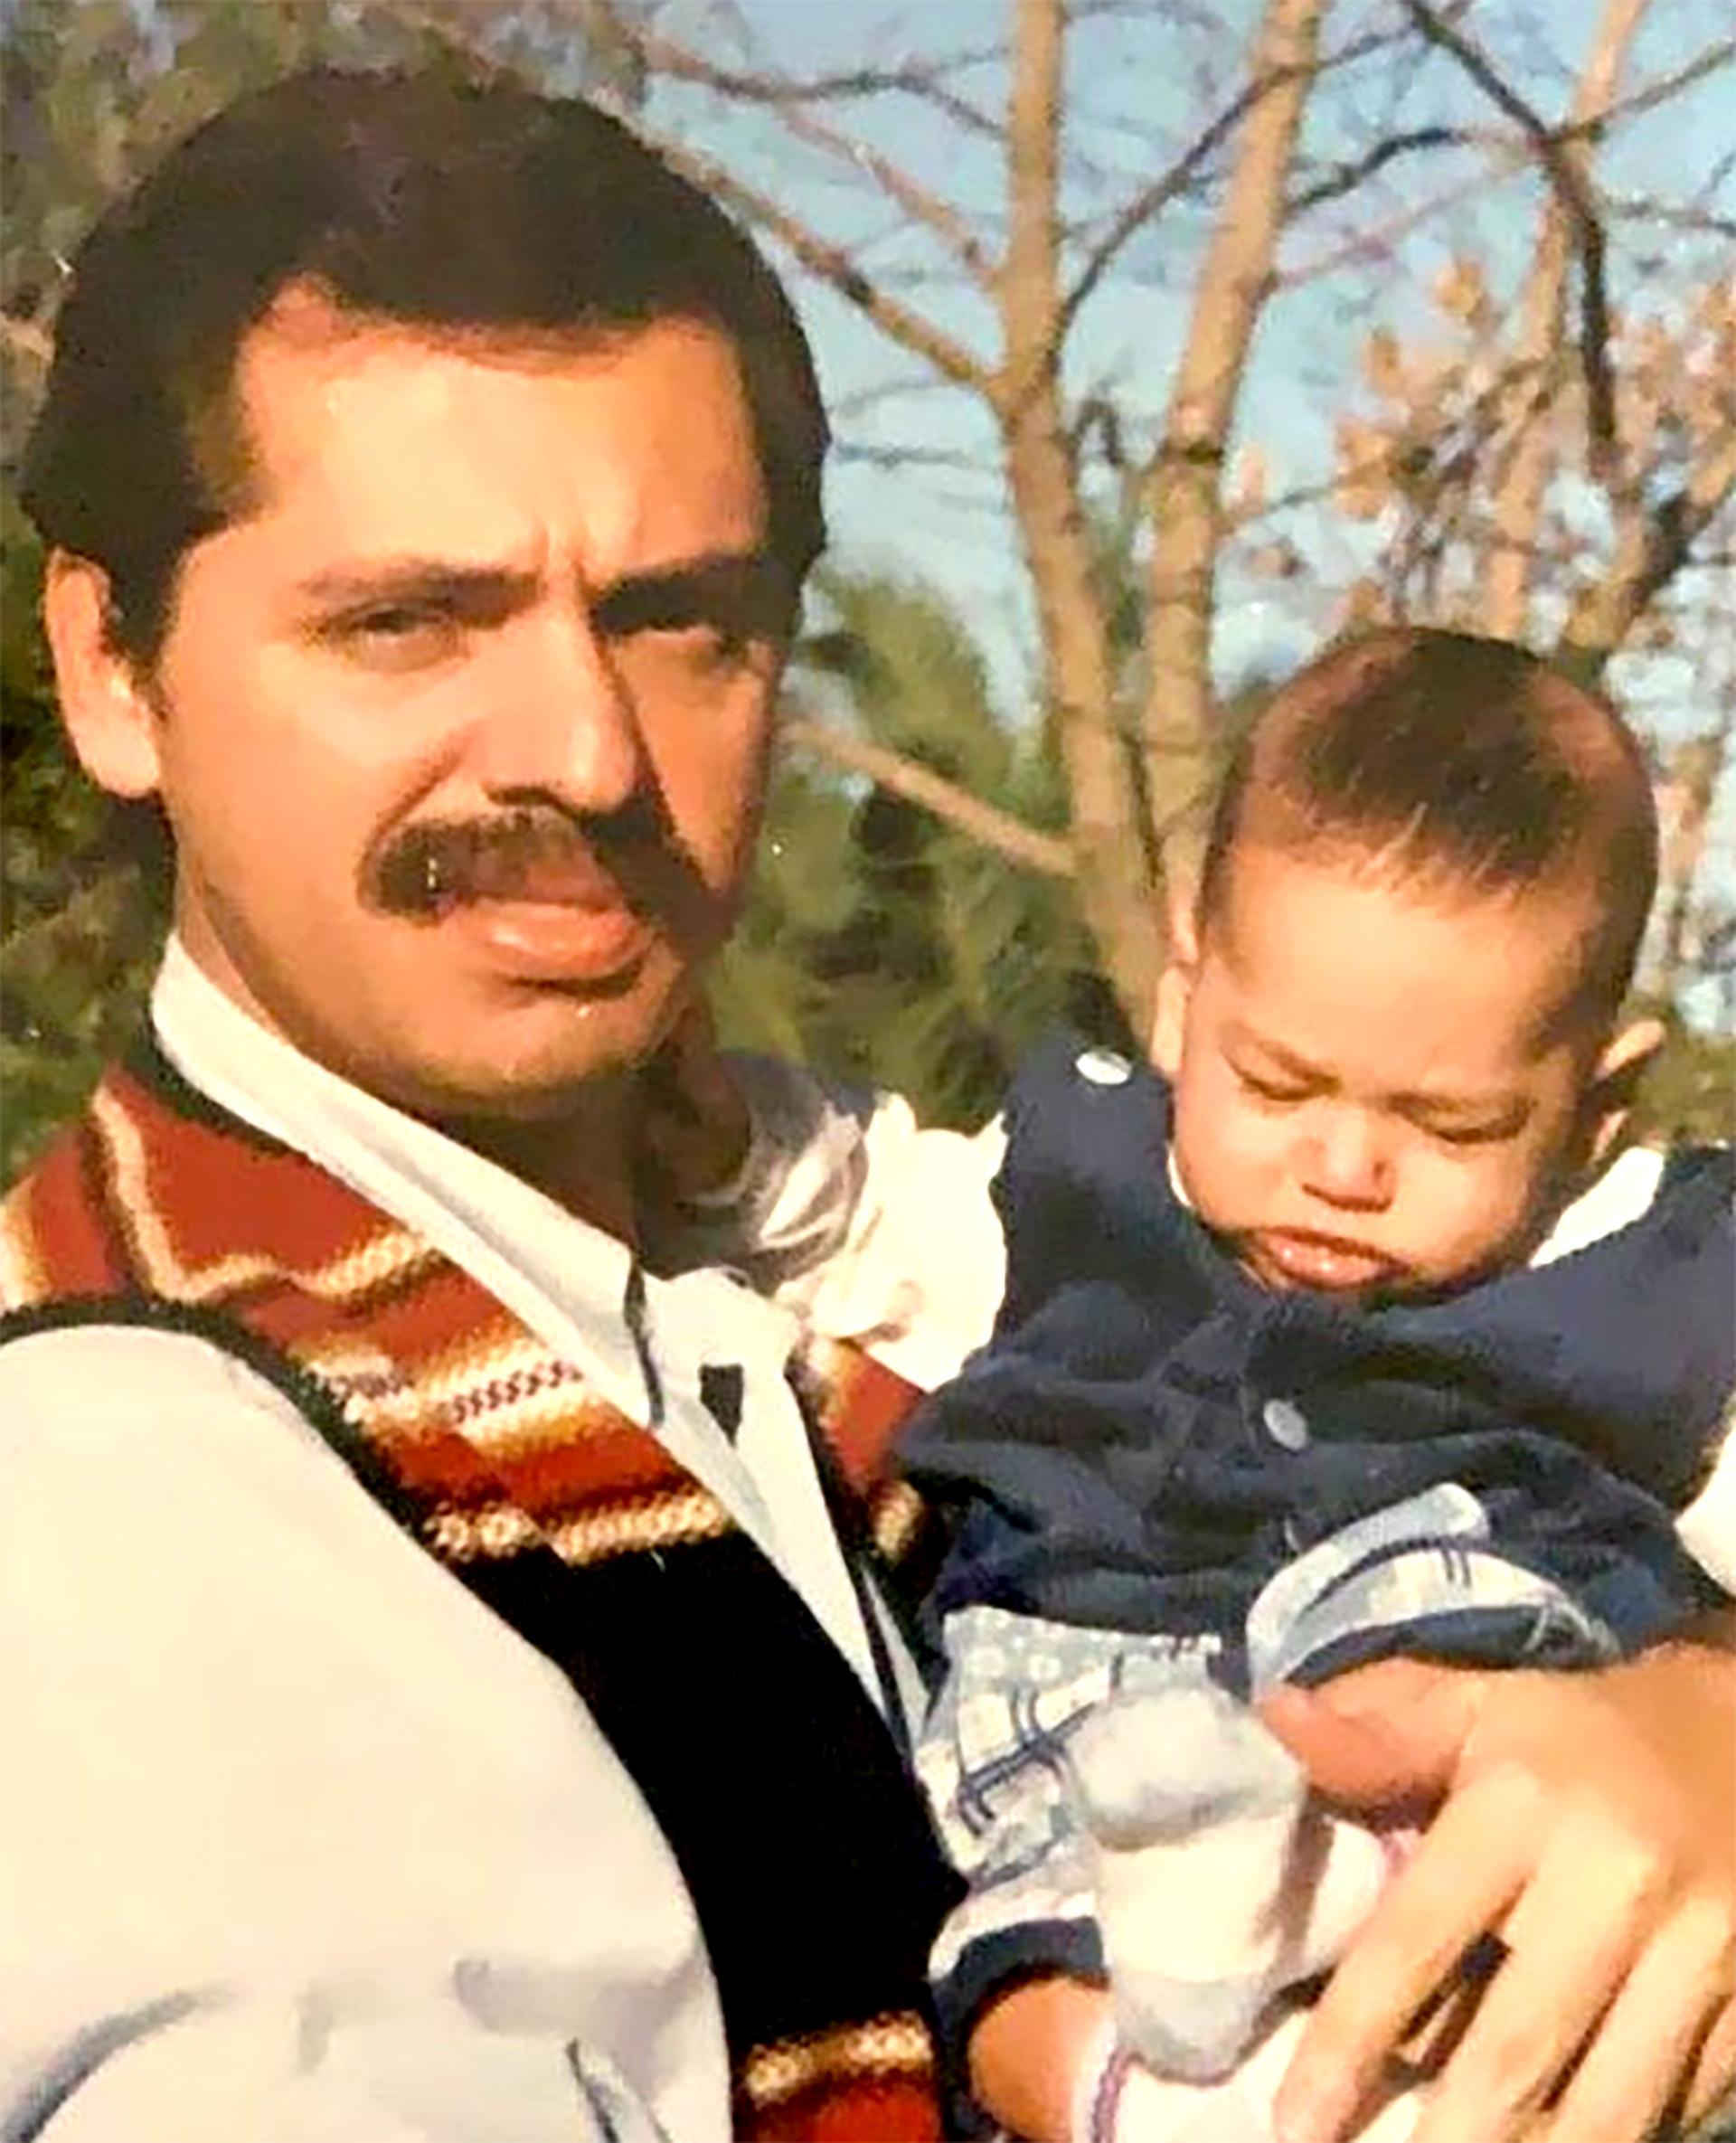 El 16 de diciembre de 1994 nació Estanislao. Hoy tiene 25 años y pasa estos días en la Quinta de Olivos, donde cumple el aislamiento social obligatorio.